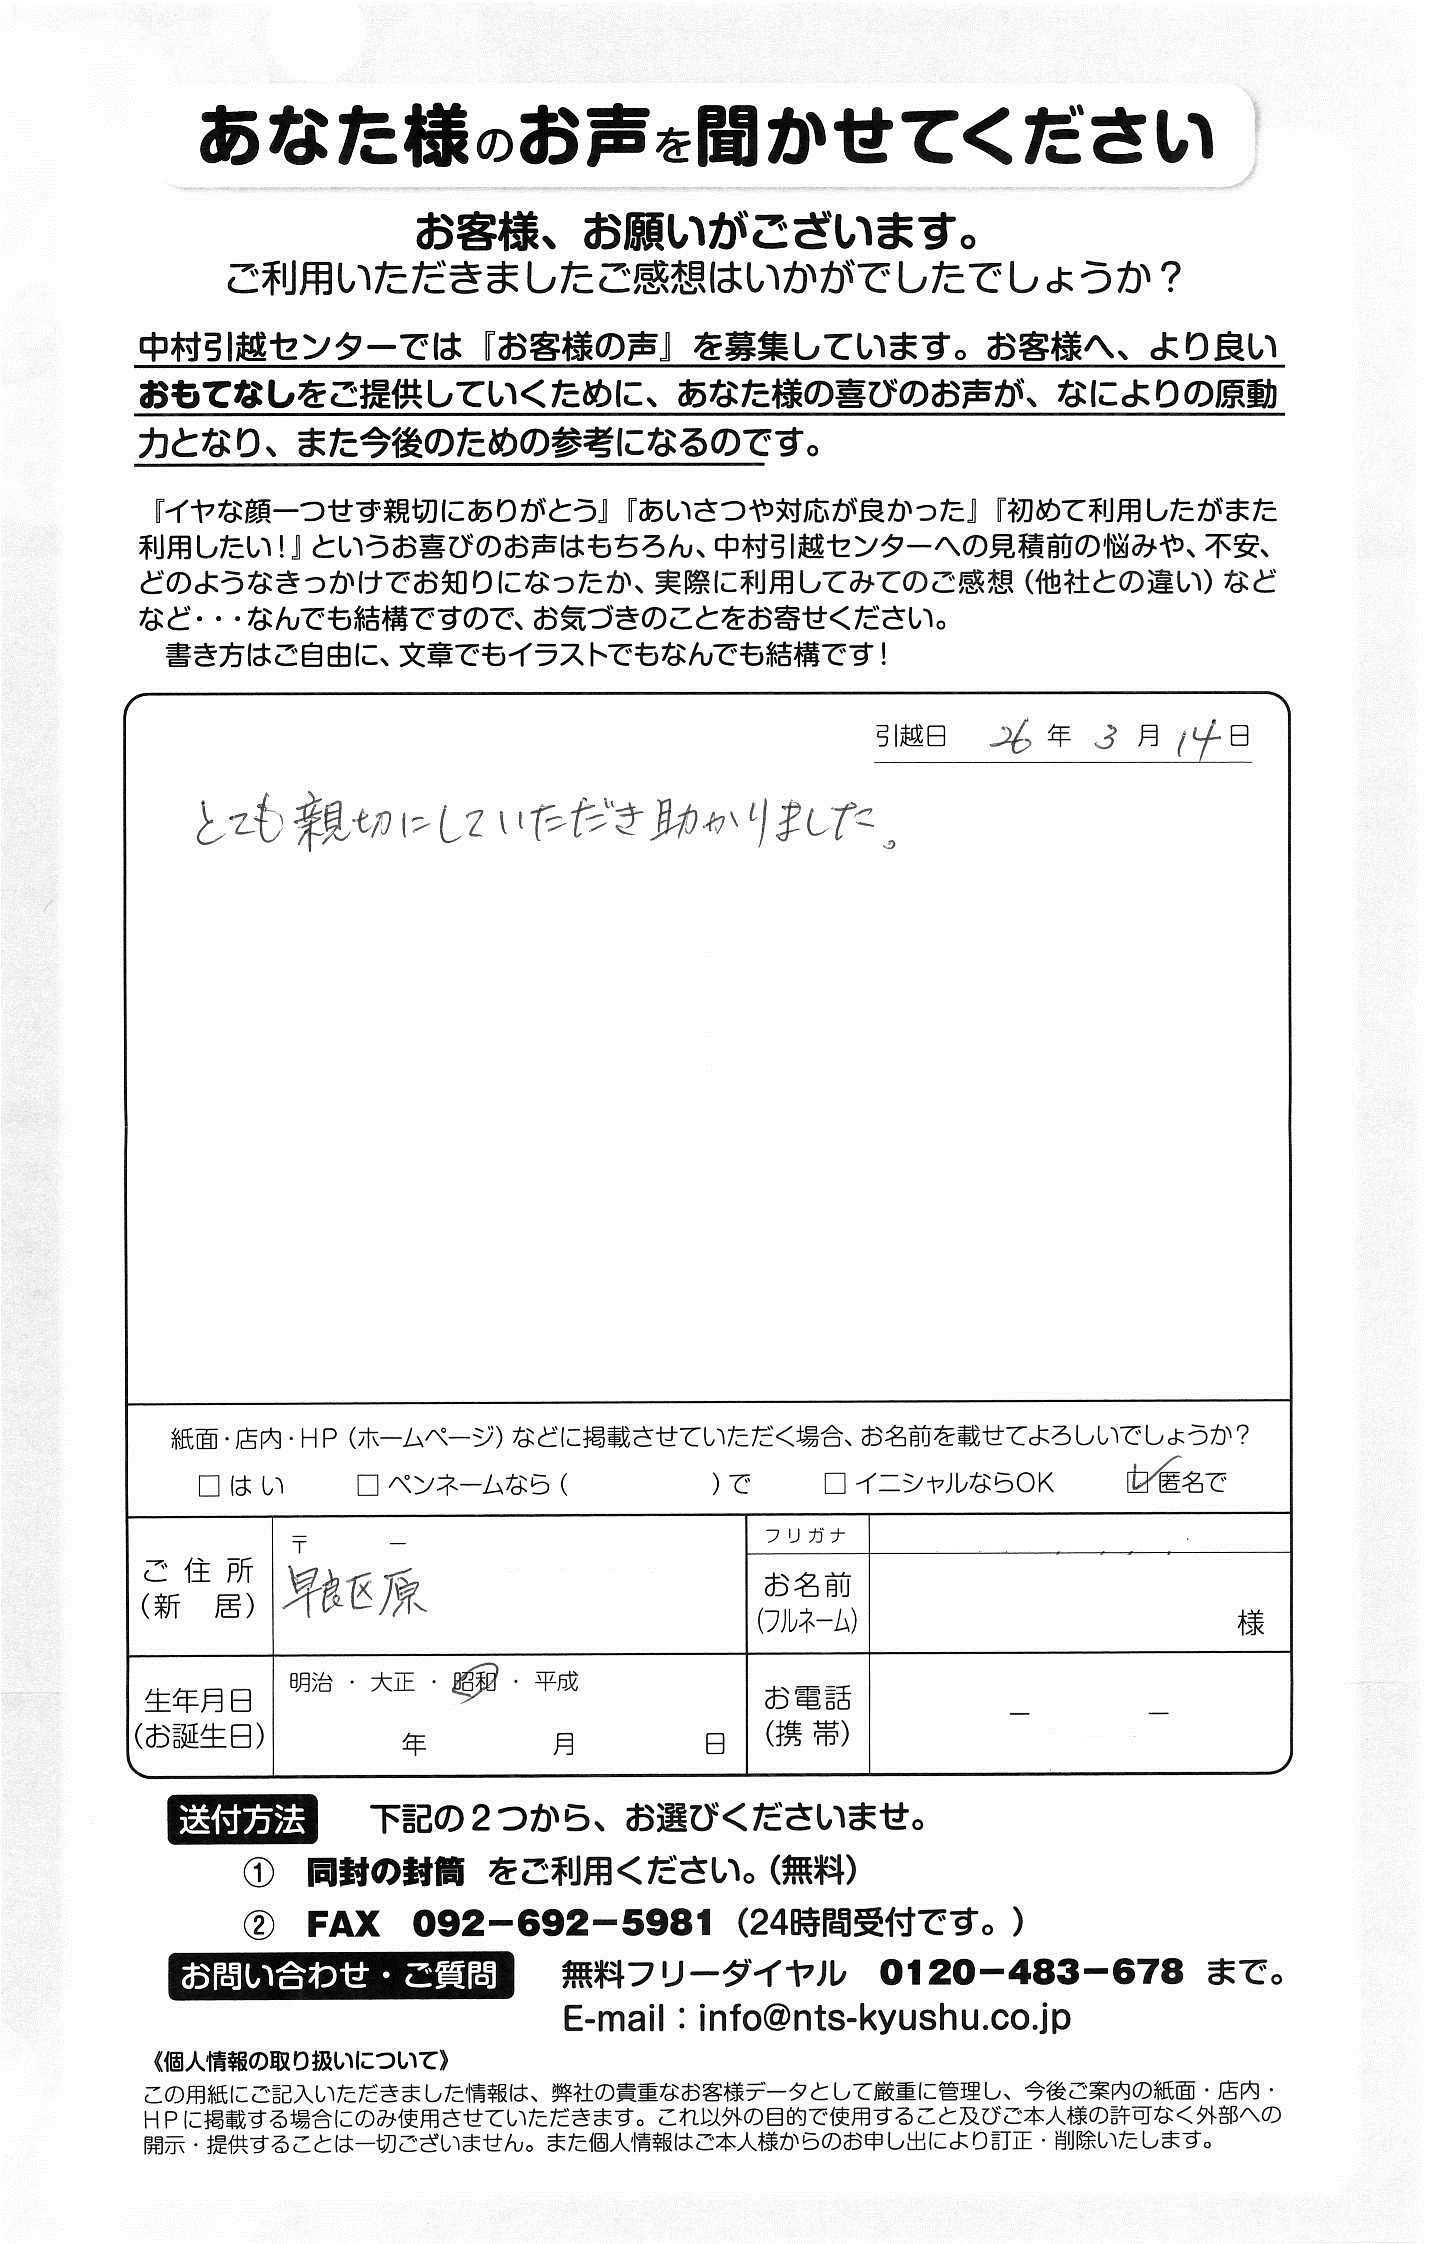 MX-2640FN_20140321_212841_002